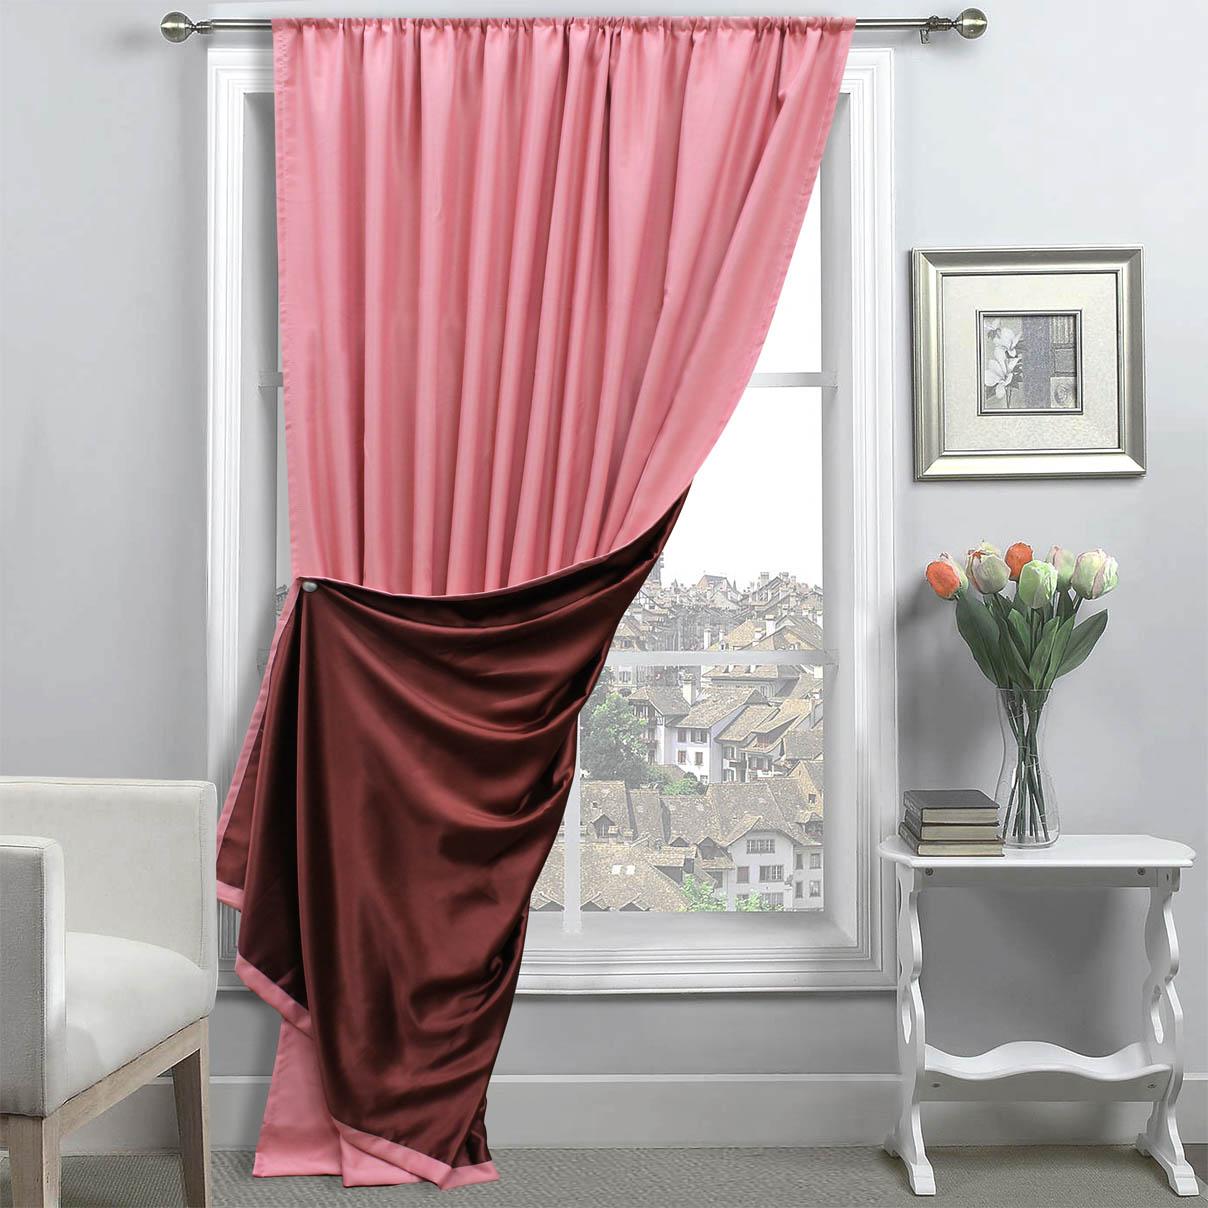 Купить Шторы Amore Mio, Классические шторы Milan Цвет: Персиковый/Бордовый, Китай, Blackout